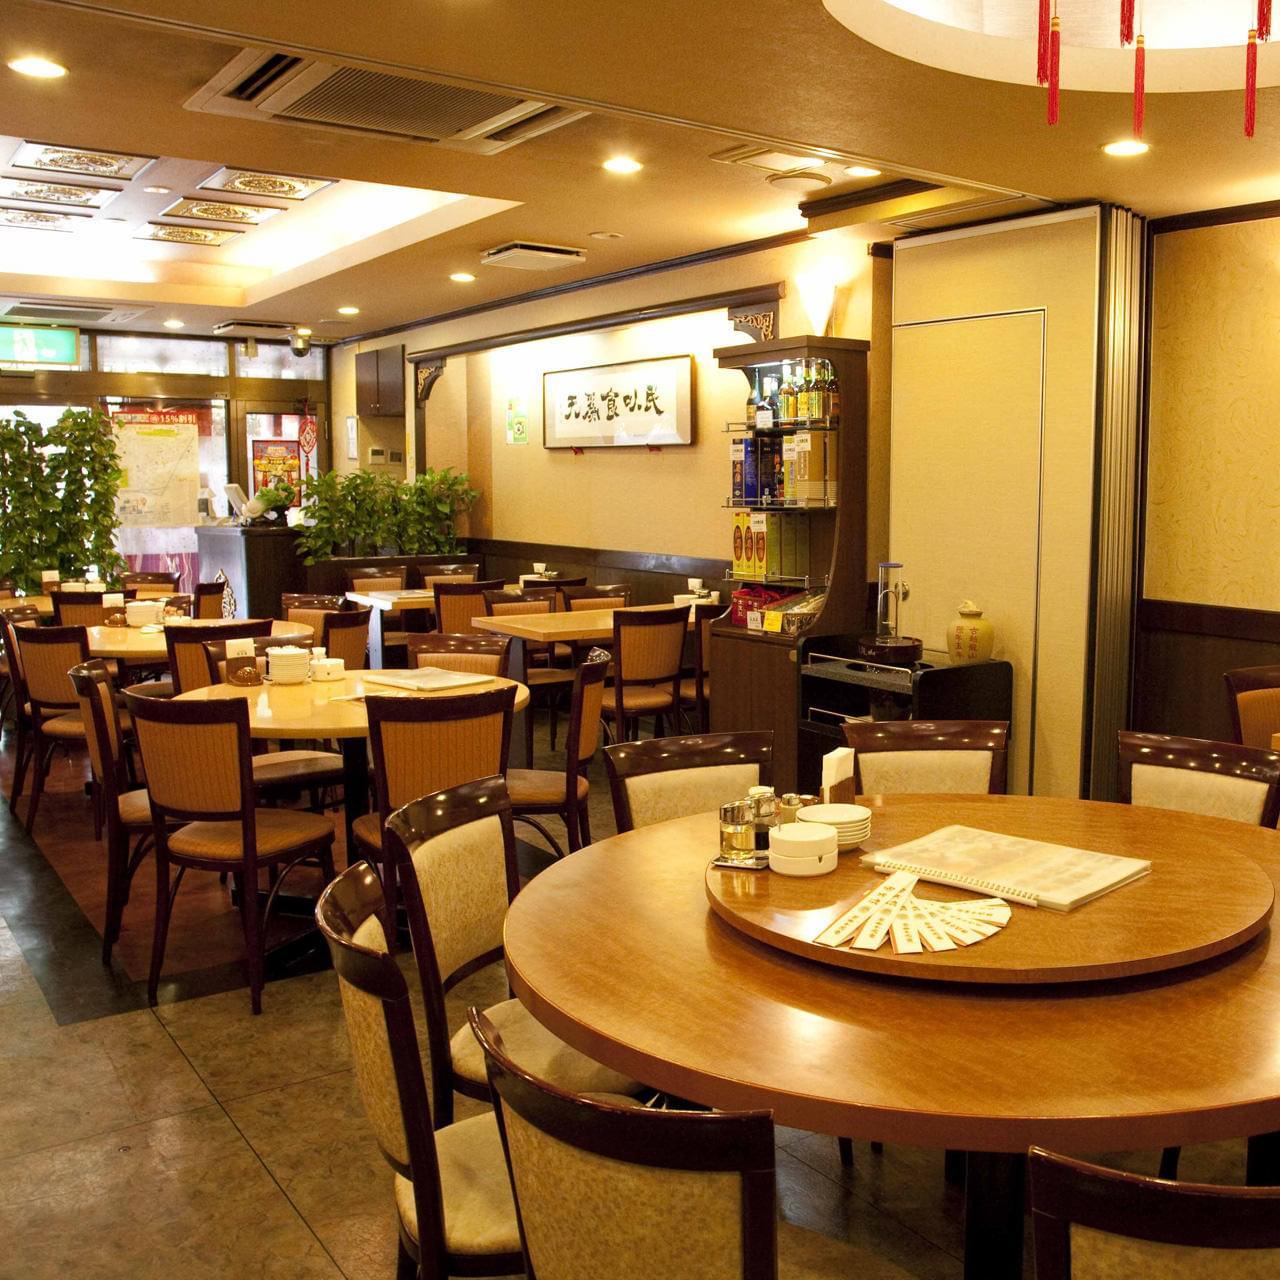 横浜中華街のマーボー豆腐おすすめ店4選!マーボ豆腐好きにはたまらない!